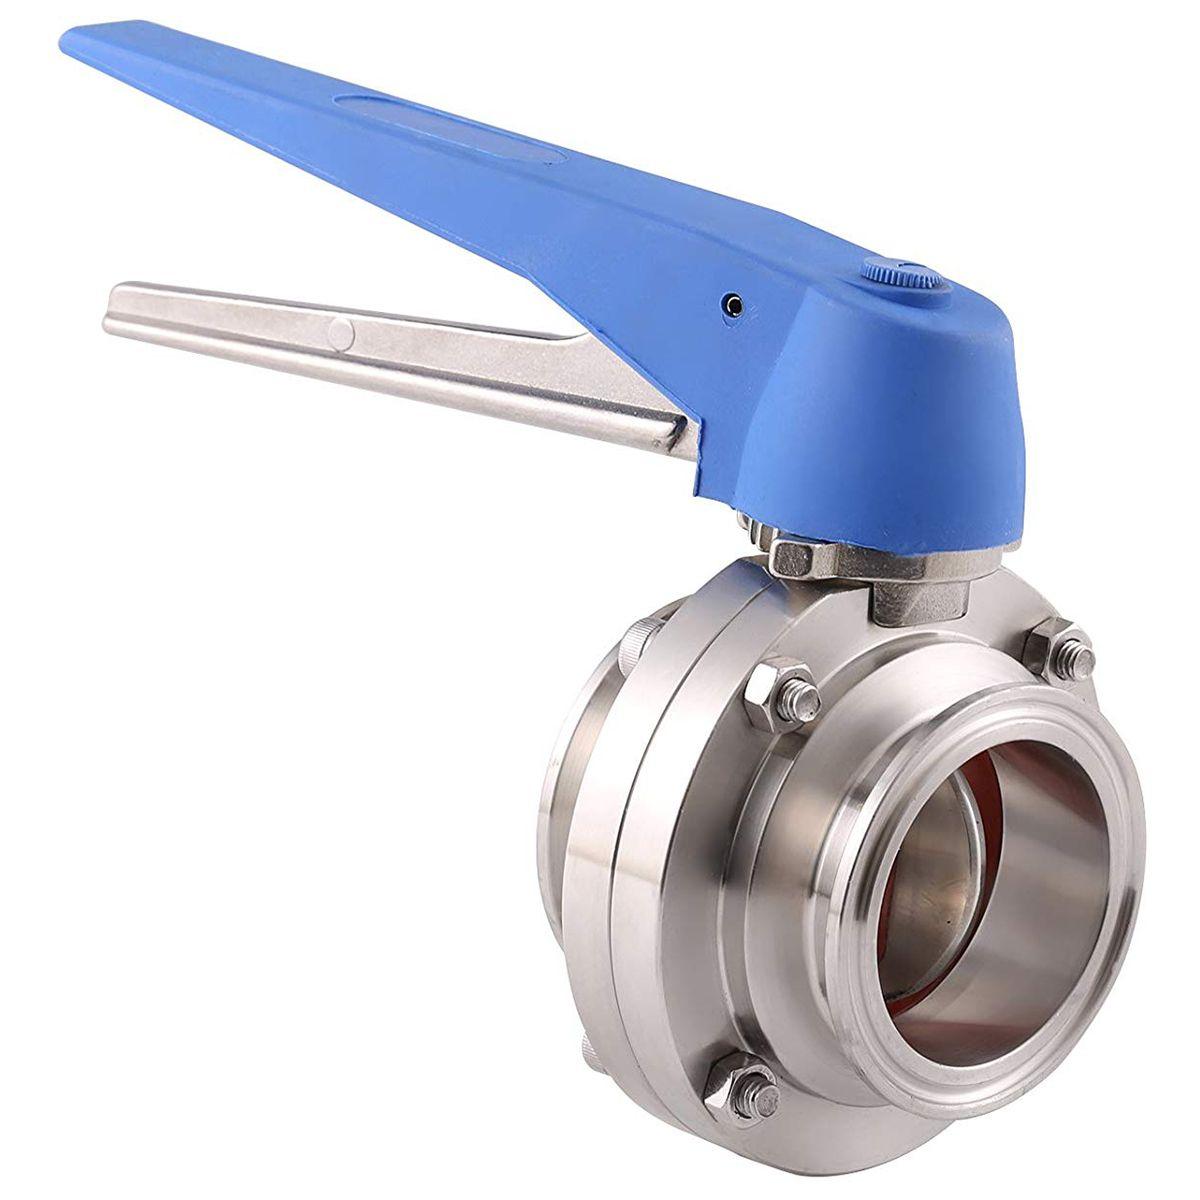 1-1/2 zoll 38mm SS304 Edelstahl Sanitär 1,5 zoll Tri Clamp Schmetterling Ventil Squeeze Trigger für Homebrew milch Produkt